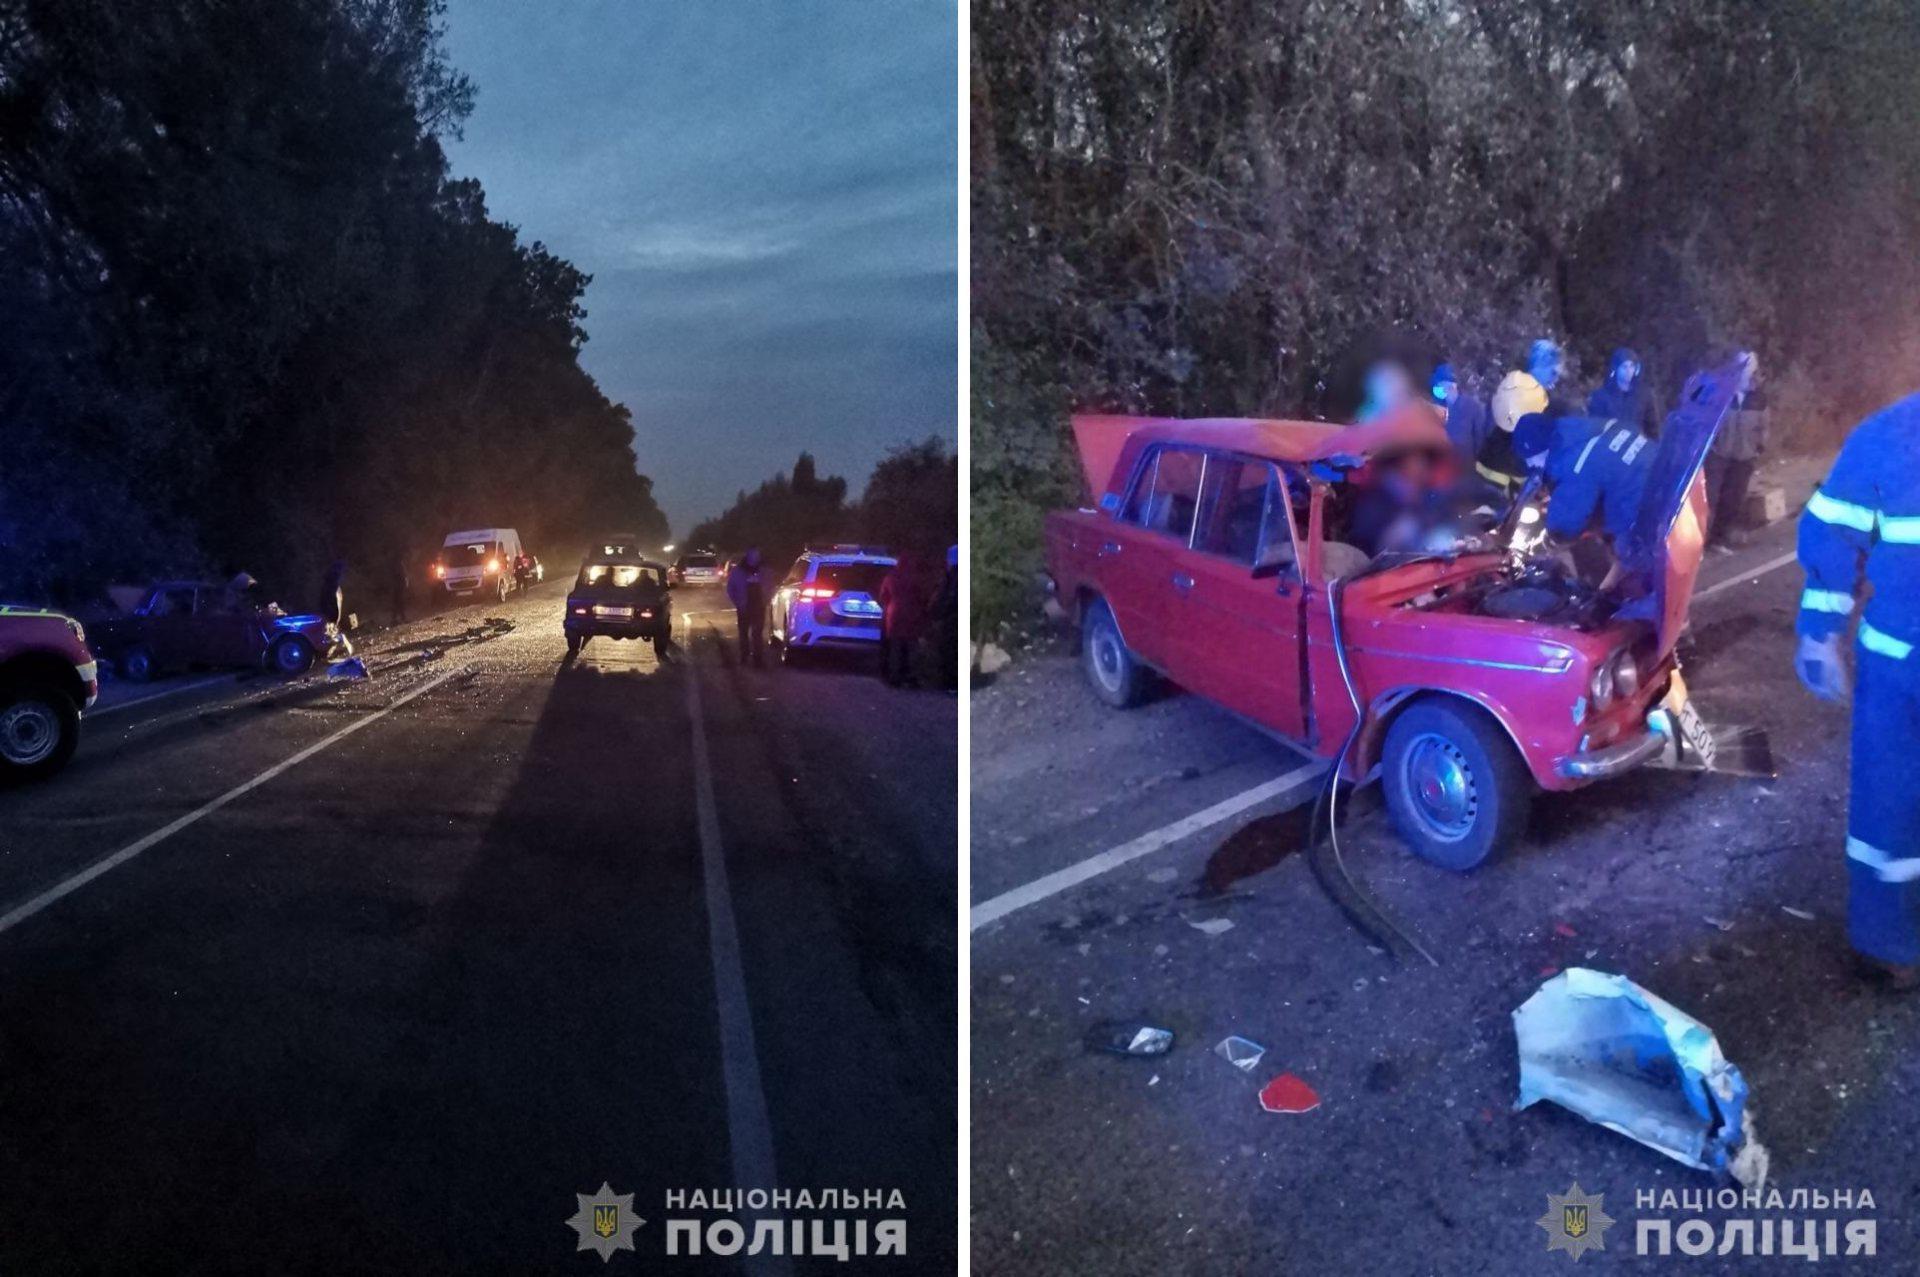 В Херсонской области нетрезвый водитель без прав совершил смертельное лобовое столкновение